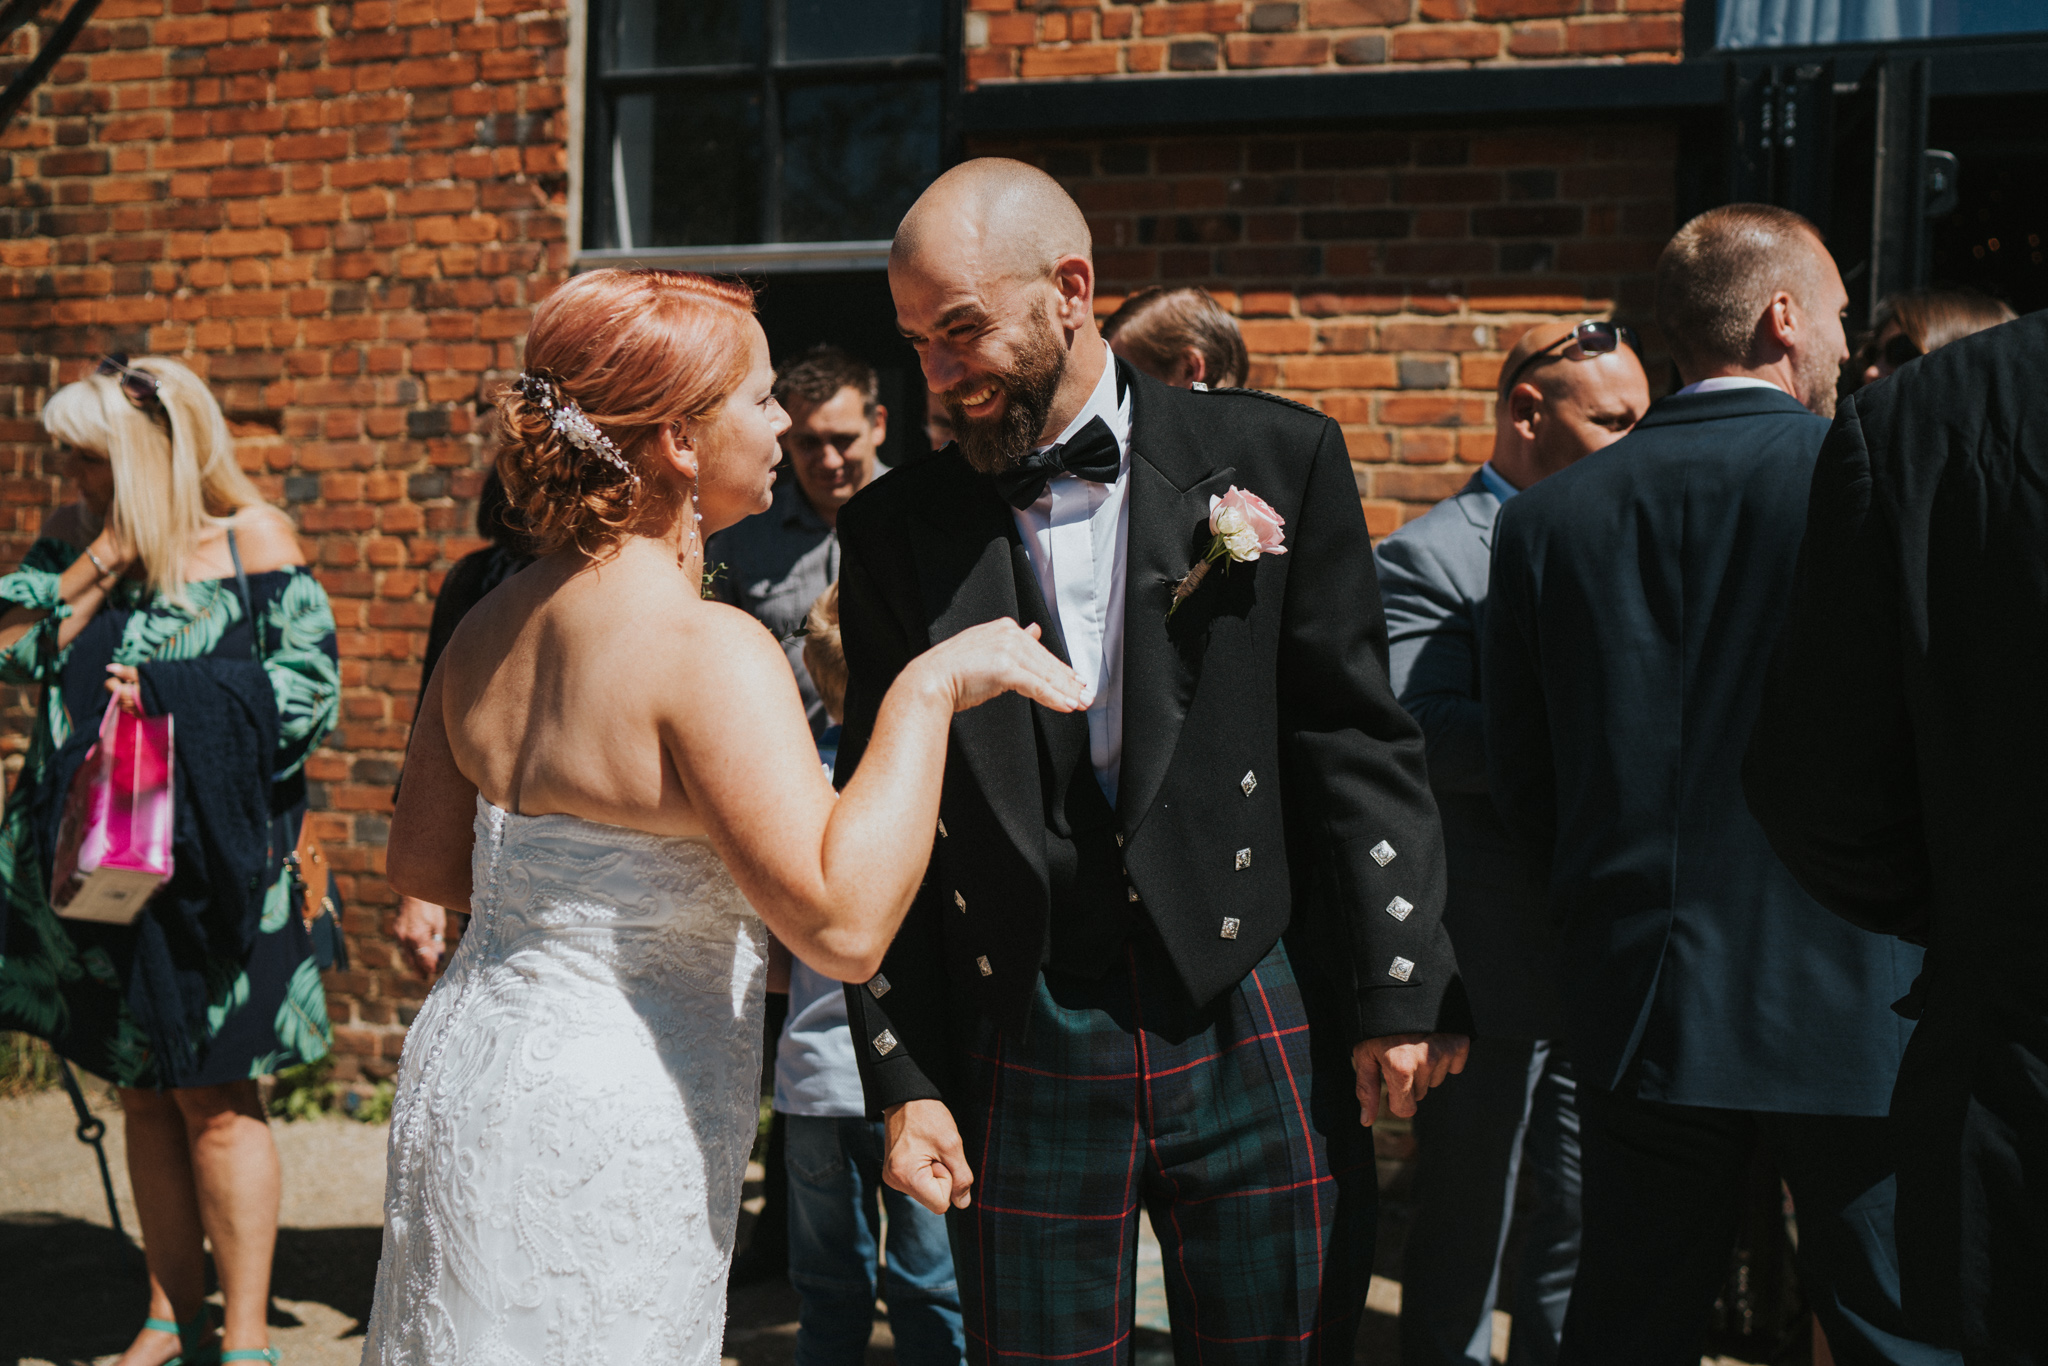 steph-neil-red-brick-barn-rochford-wedding-grace-elizabeth-colchester-essex-alternative-wedding-photographer-essex-suffolk-norfolk-devon (19 of 43).jpg